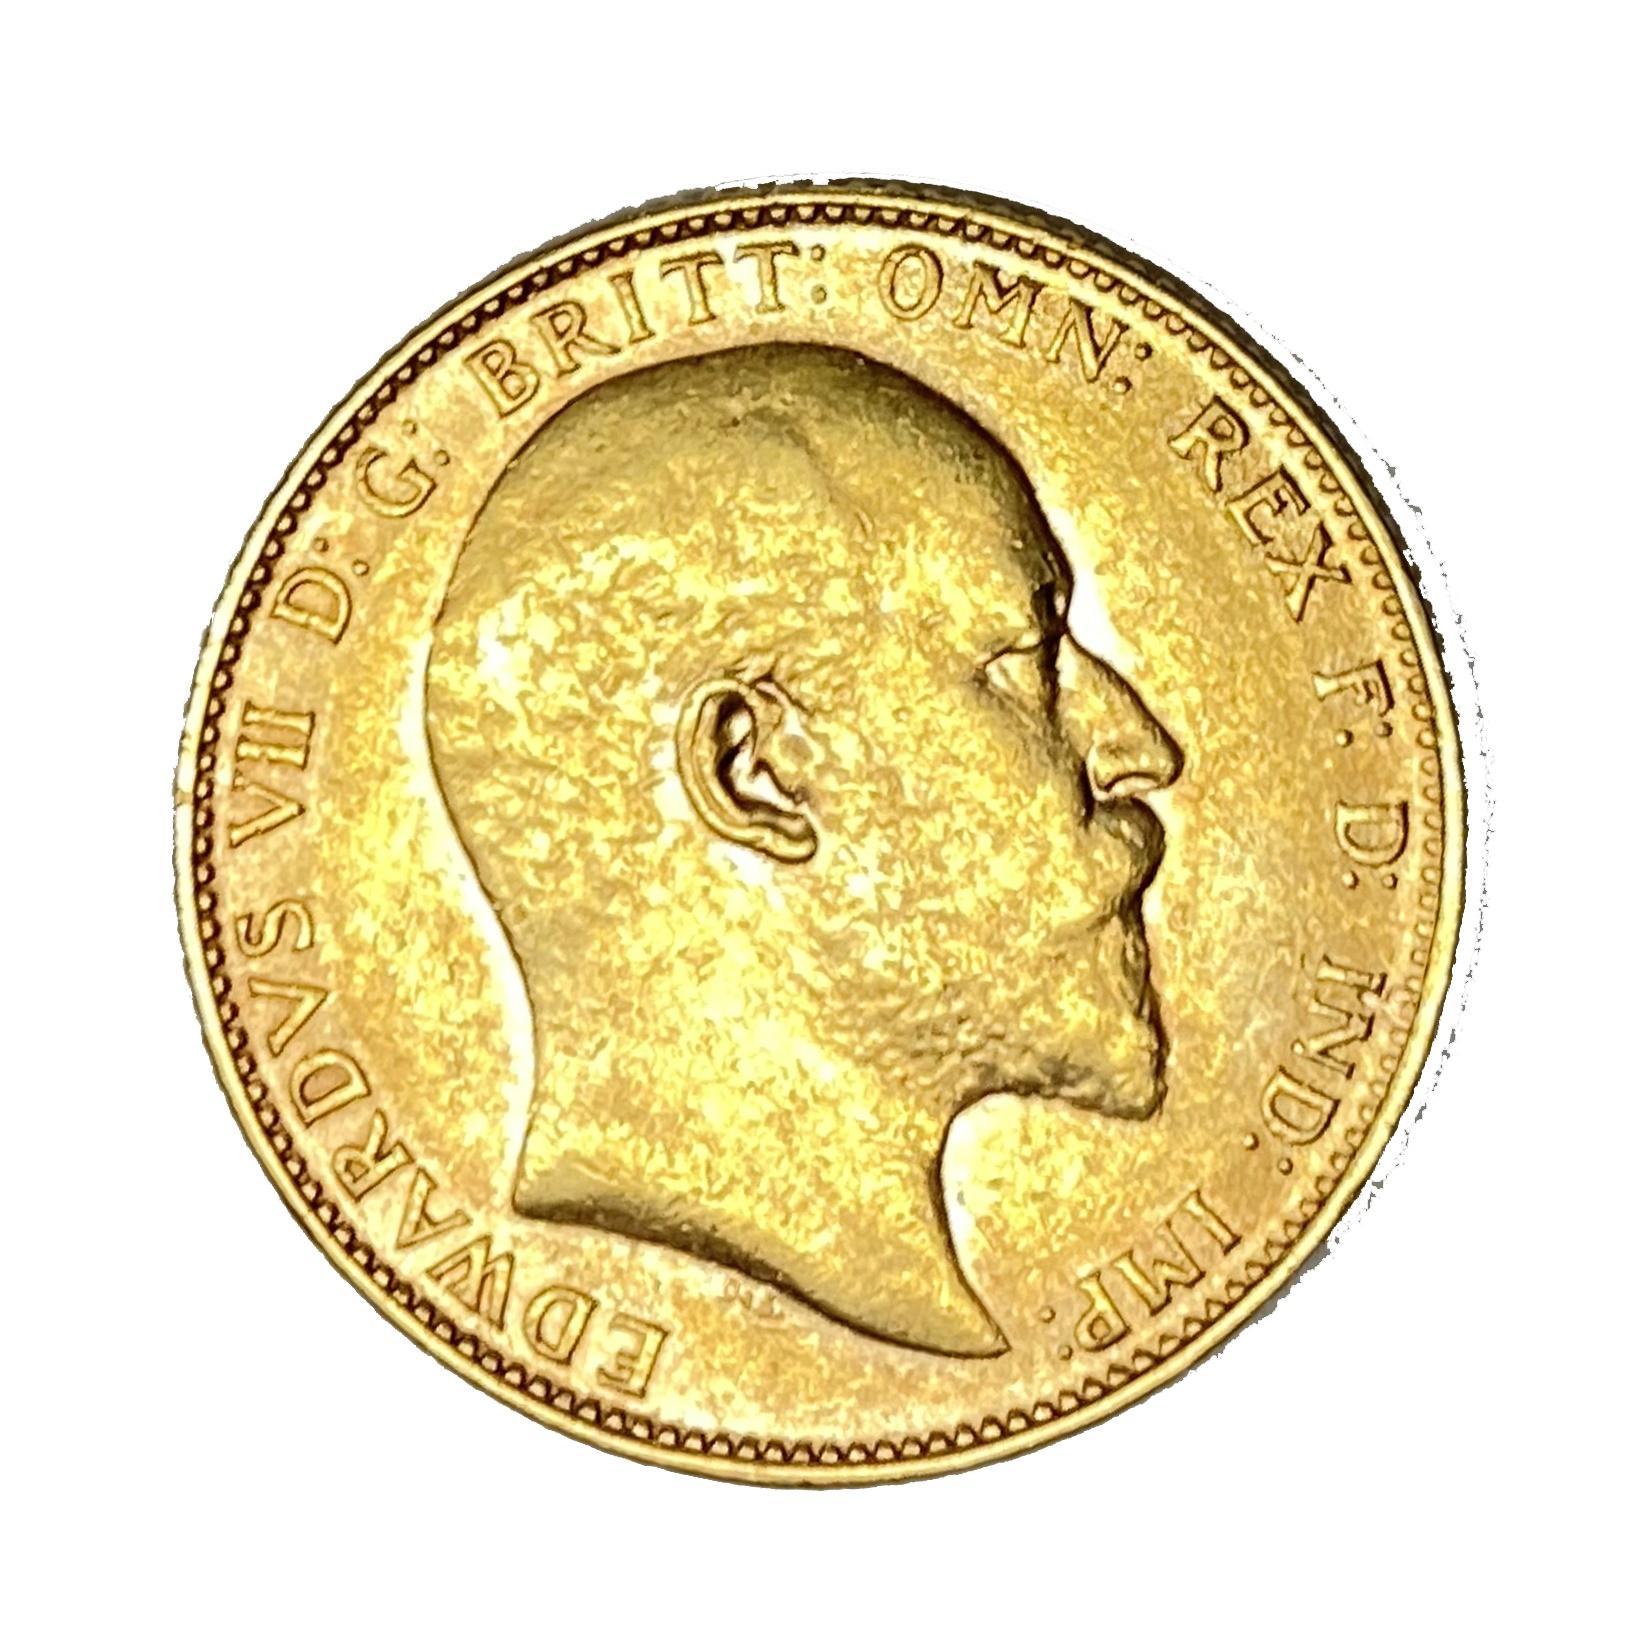 Edward VII gold Sovereign coin, 1907